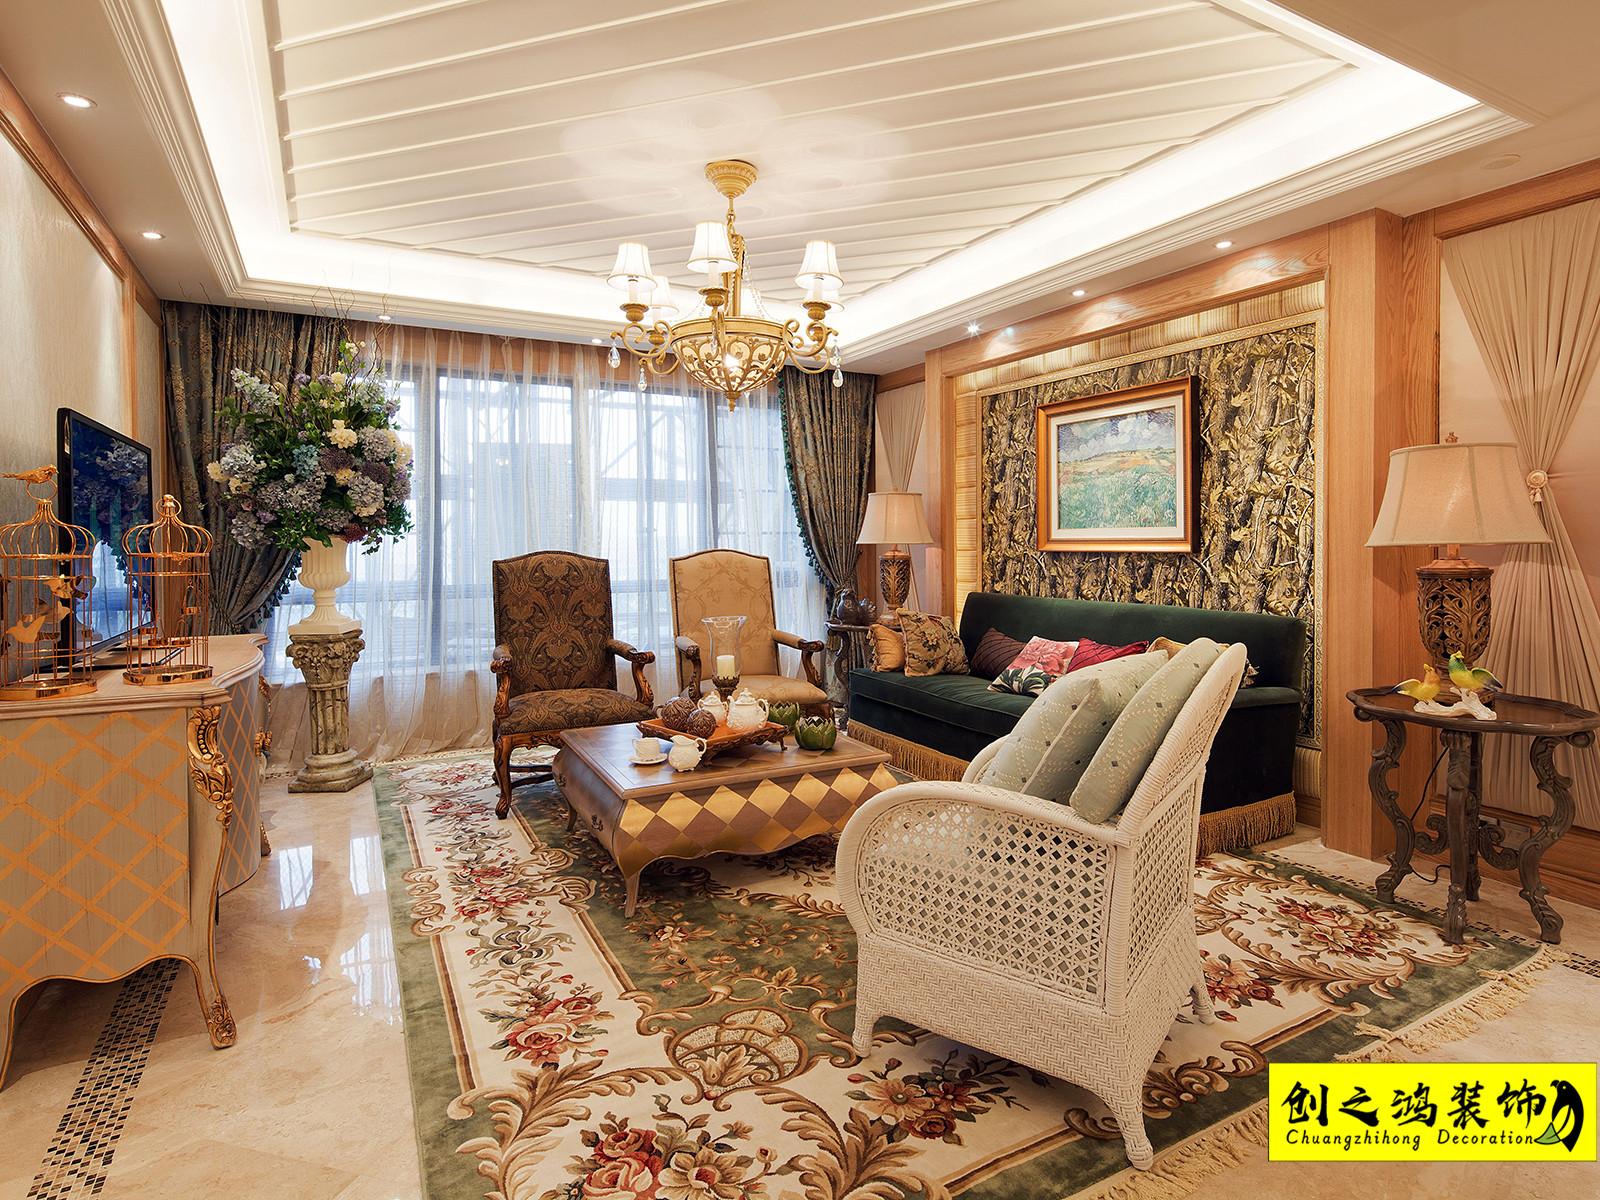 134㎡雲锦世家三室两厅地中海风格装修效果图